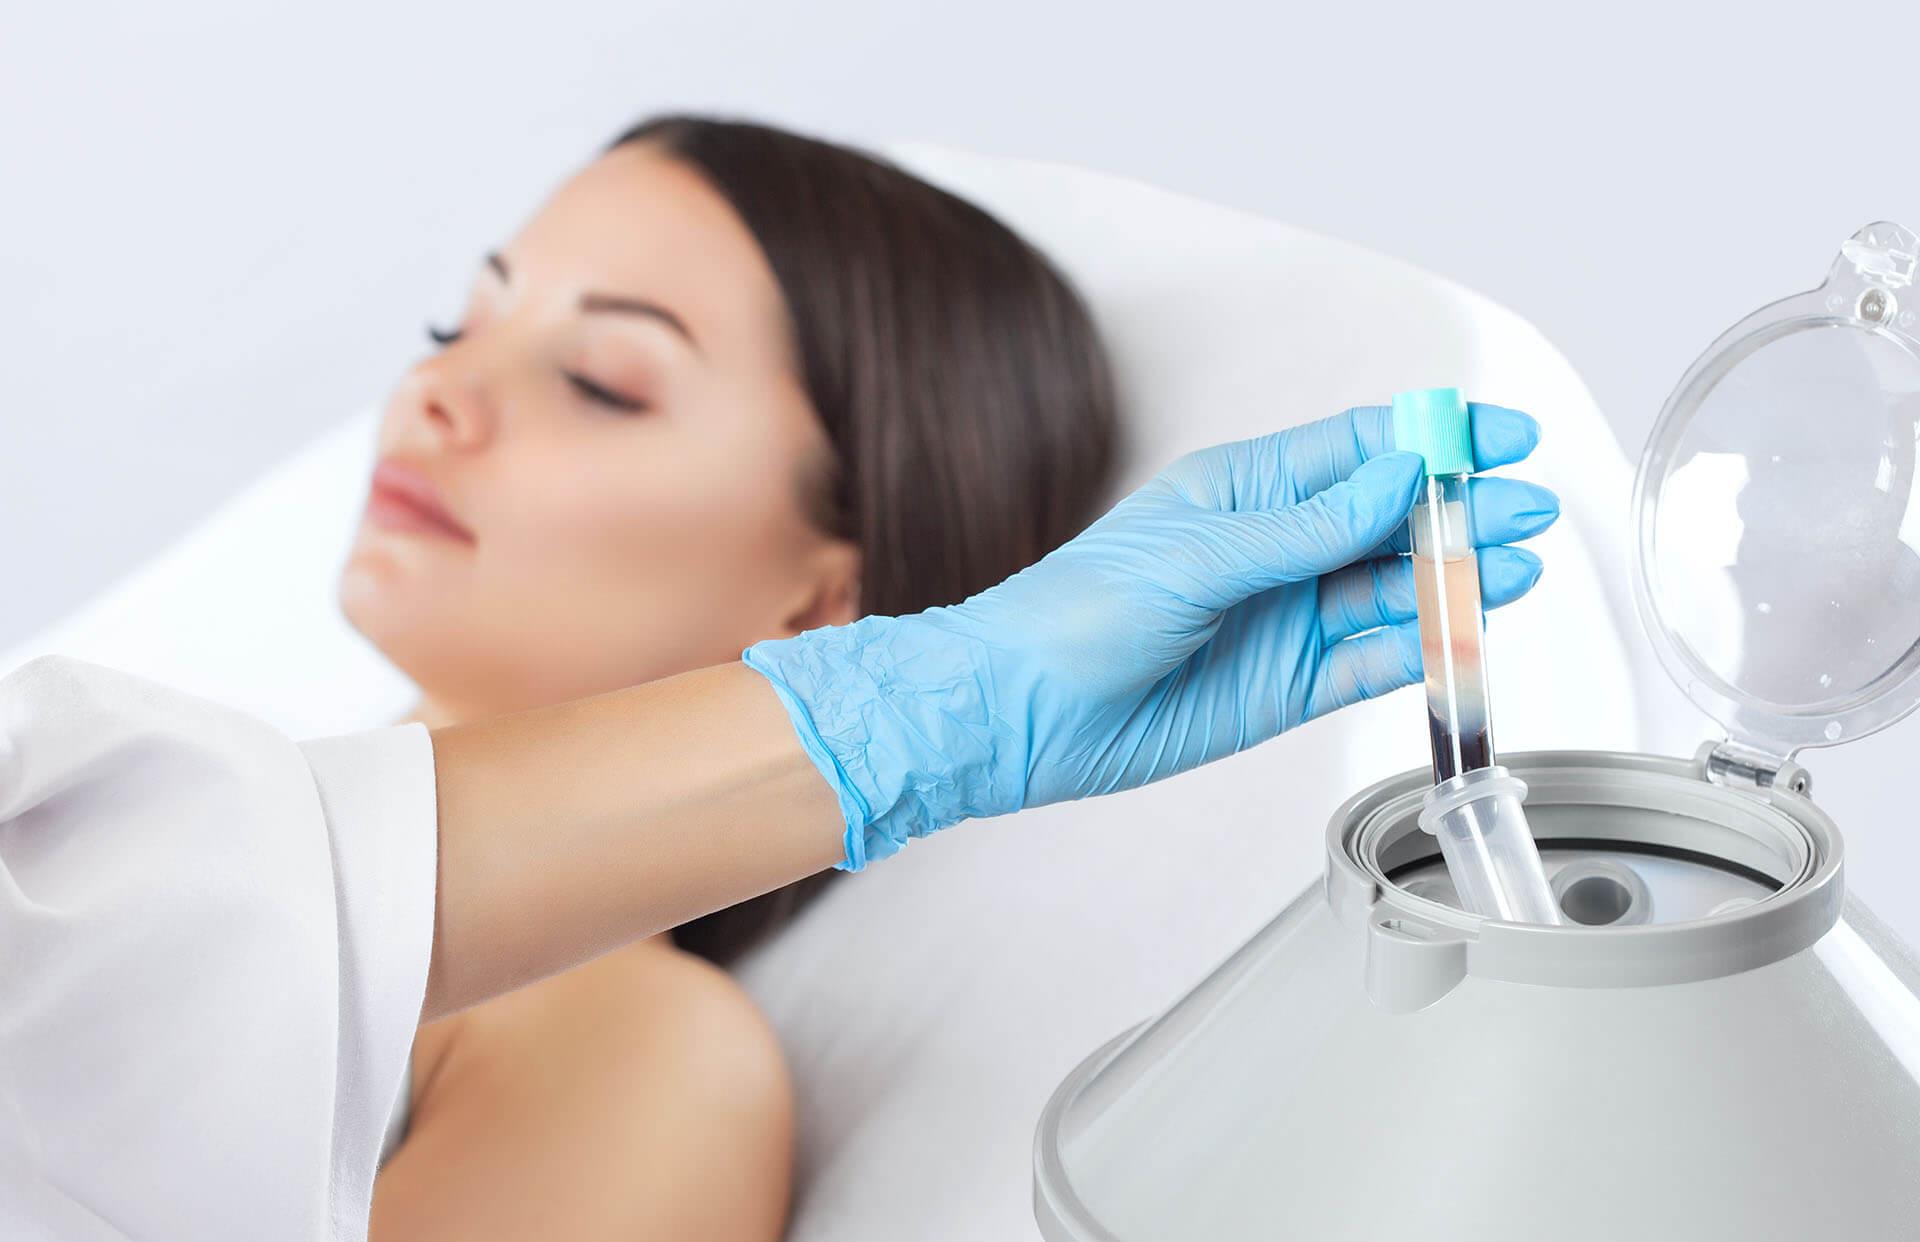 плазмотерапия для лица